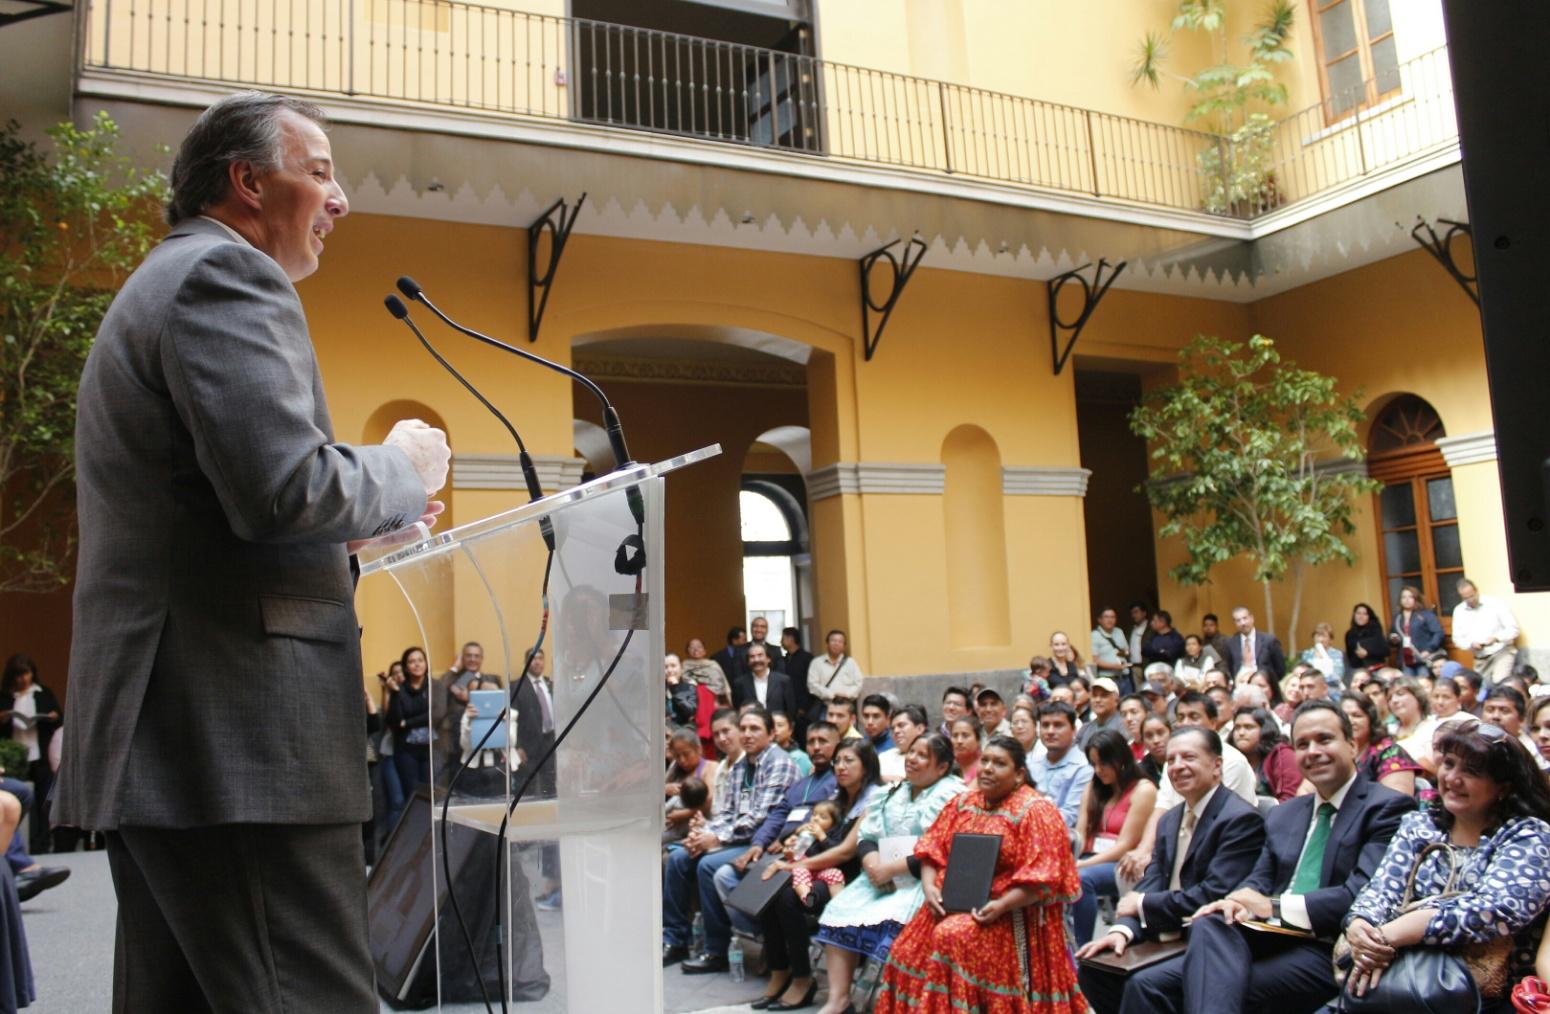 FOTO 2 Secretario Meade durante la entrega del Premio Nacional de Nacimientos.jpg